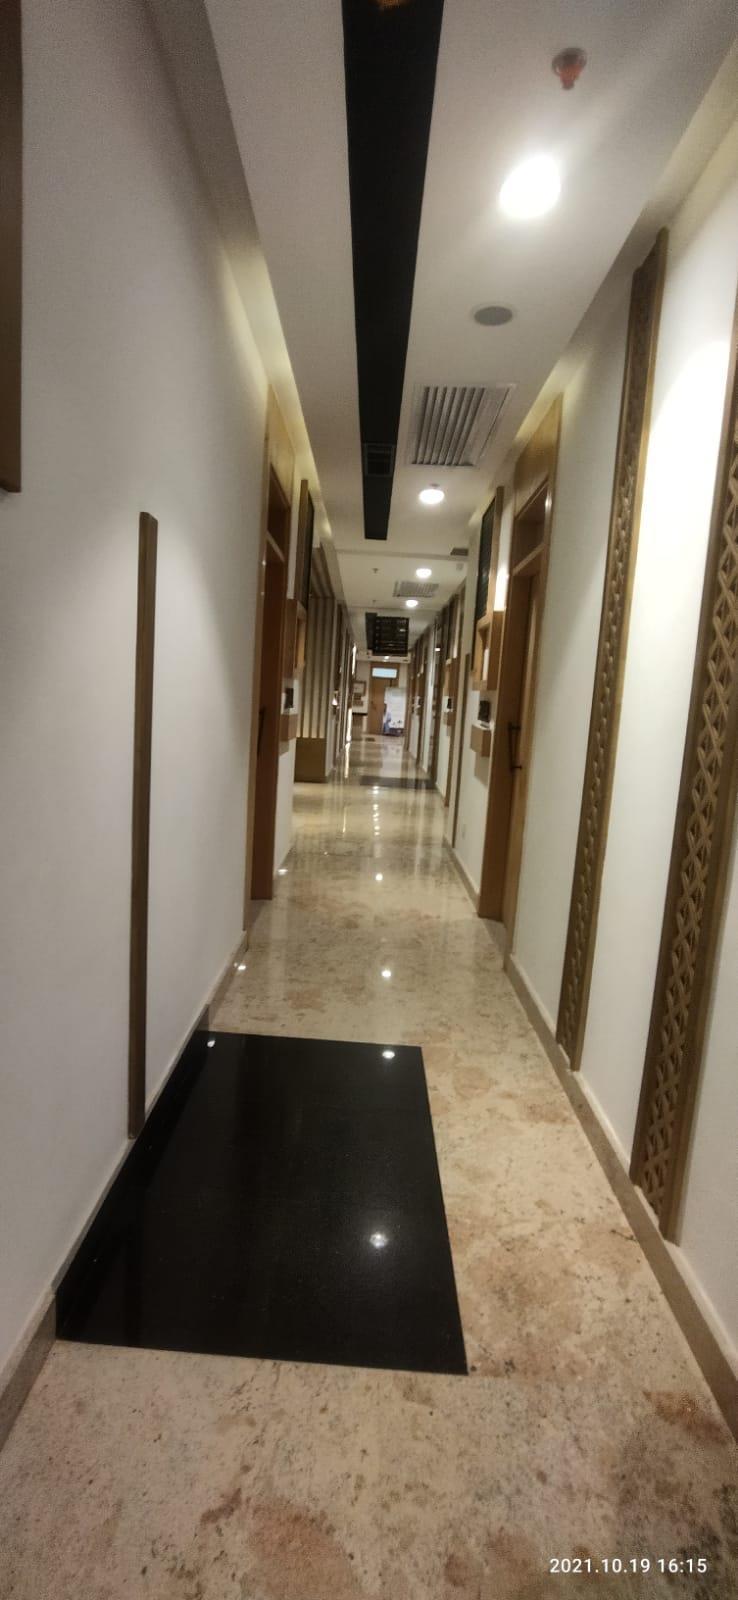 عيادة طبية فى مدينة الرحاب  46 م2 للايجار مفروش كود 43359